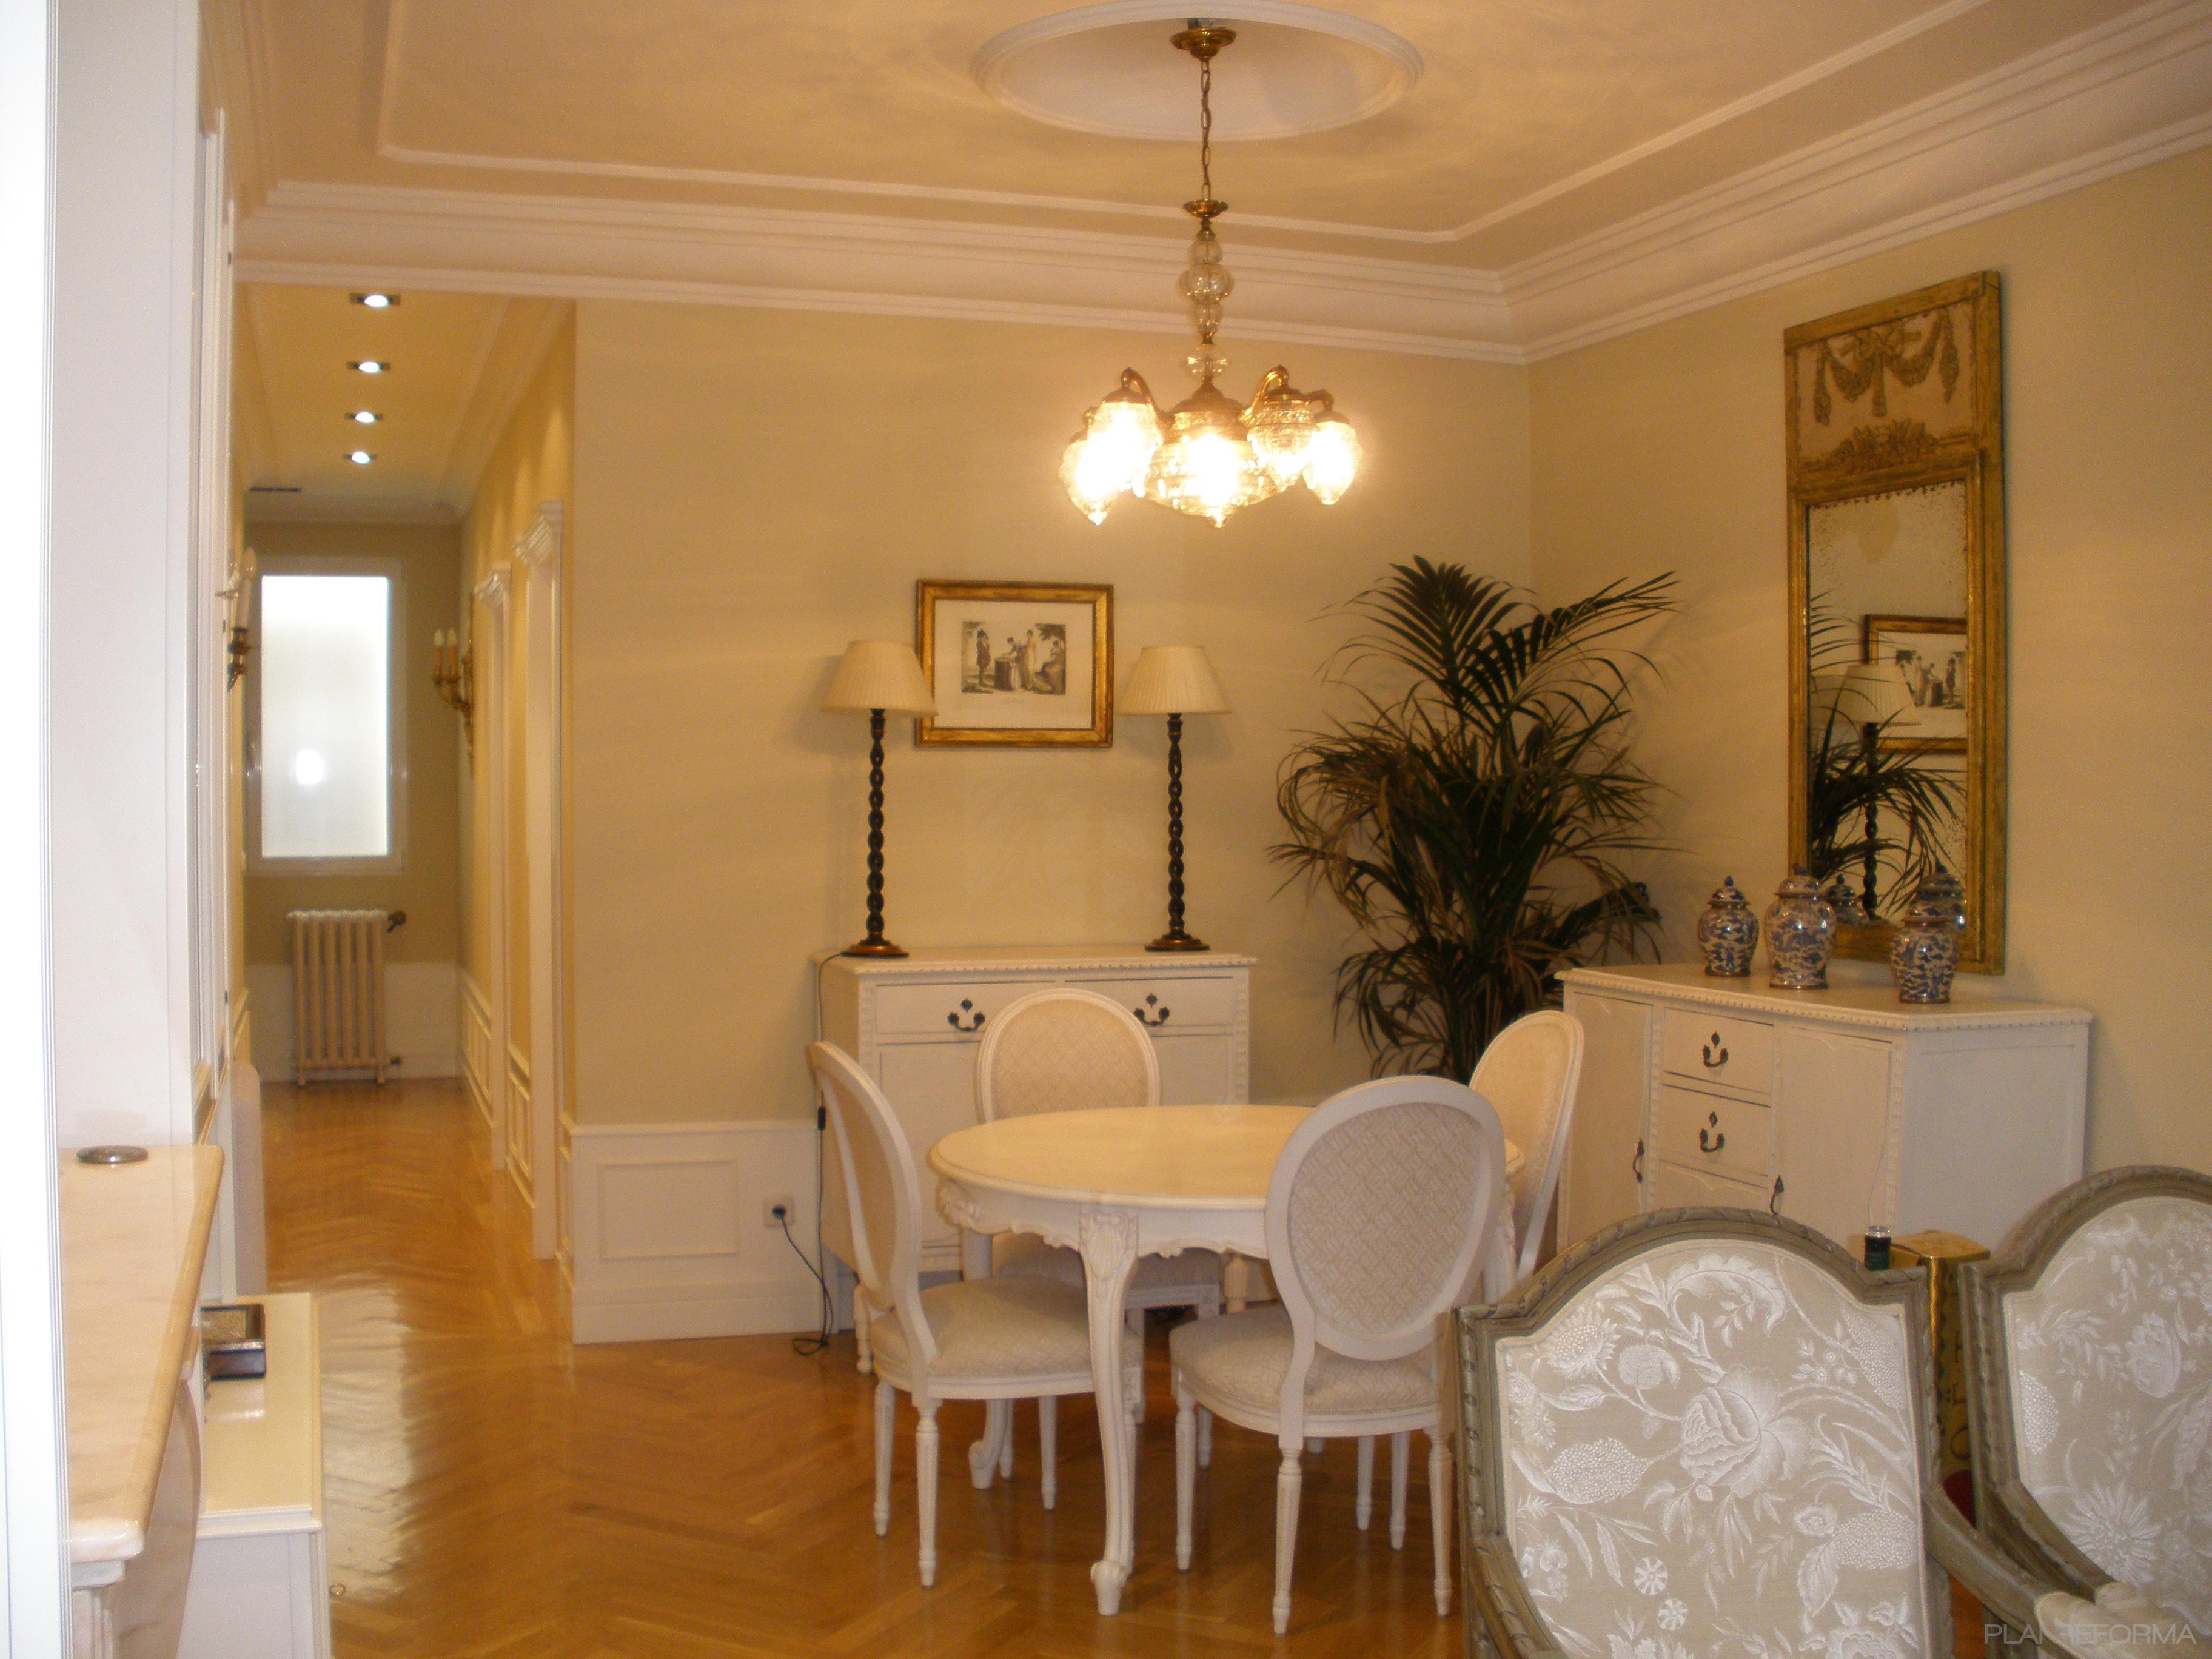 Comedor salon style clasico color beige beige blanco for Decoracion de interiores comedor